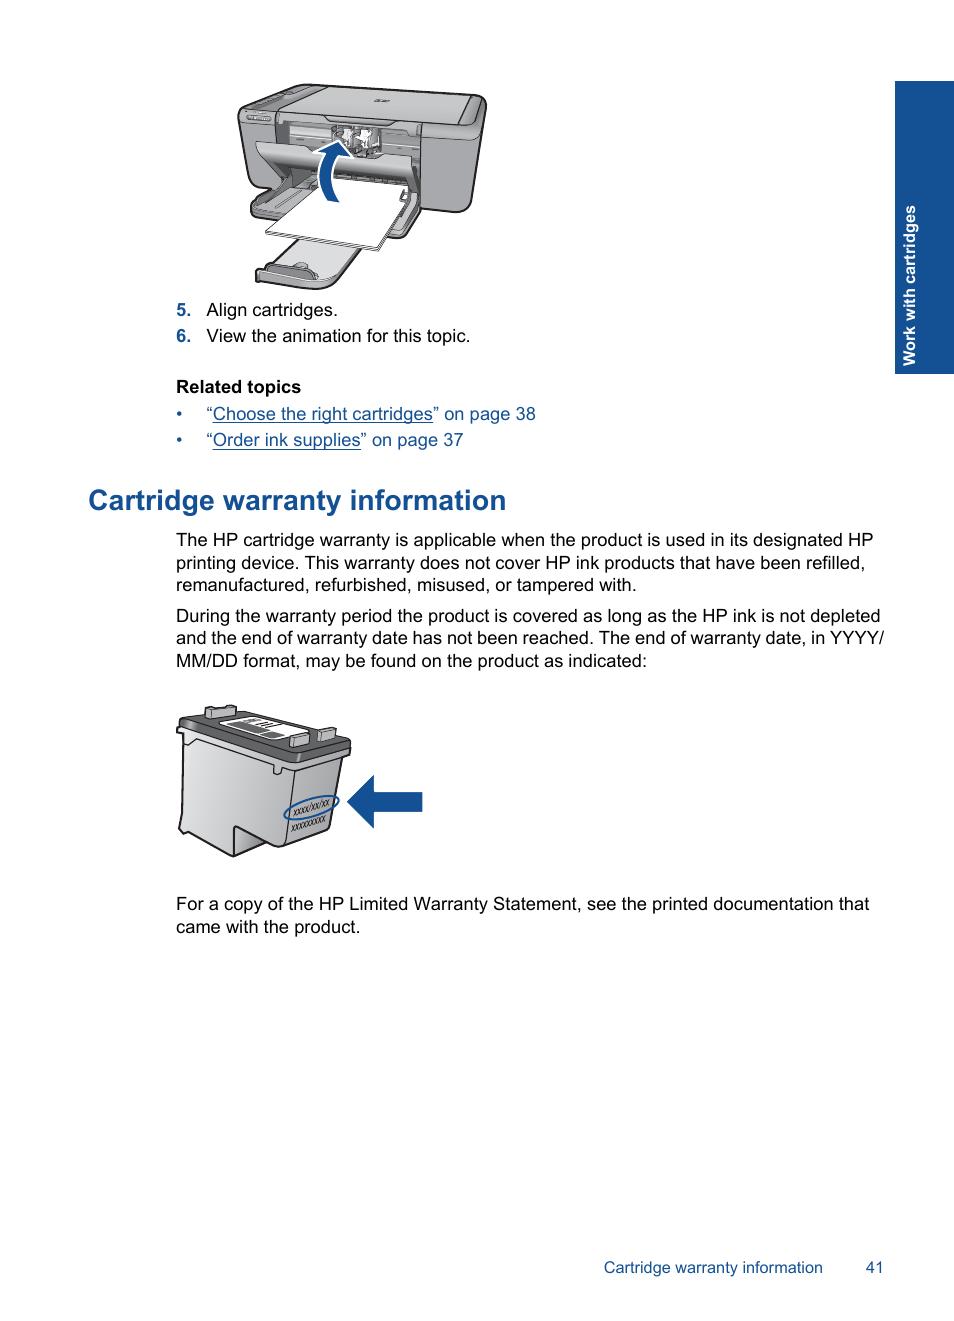 Cartridge warranty information | HP Deskjet F4580 All-in-One Printer User  Manual |